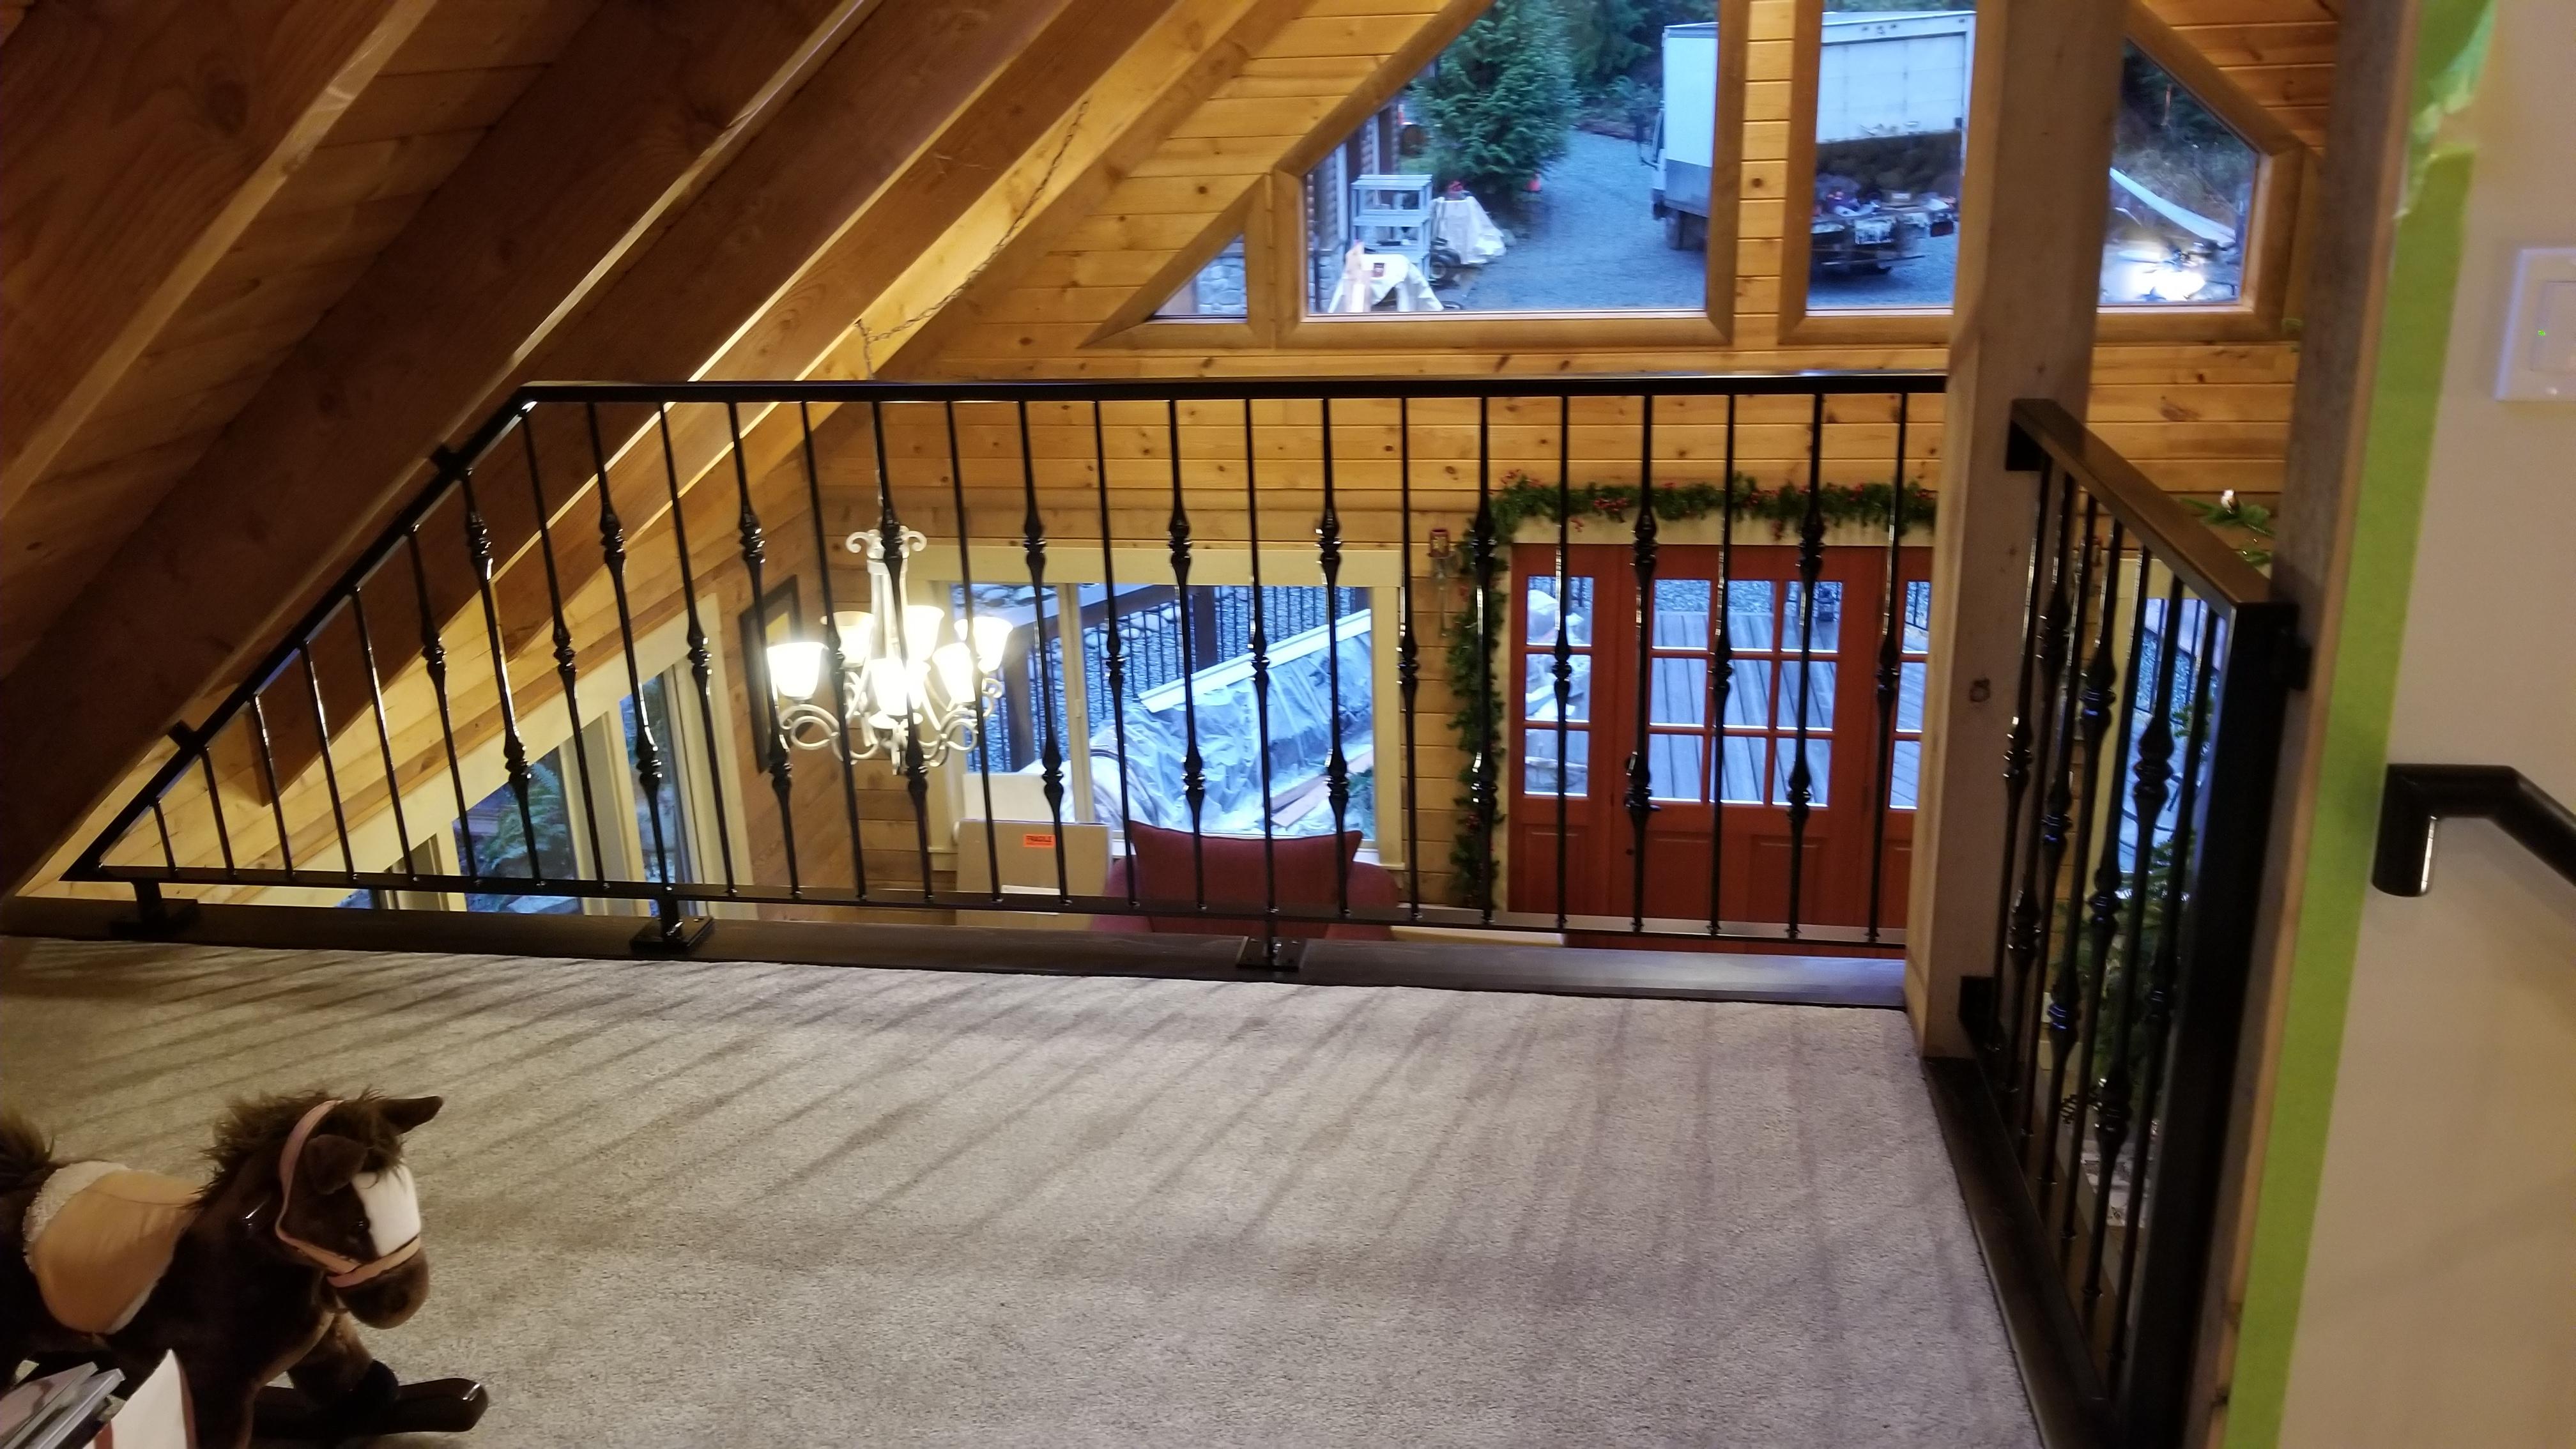 mono stringer staircase portfolio 19-7